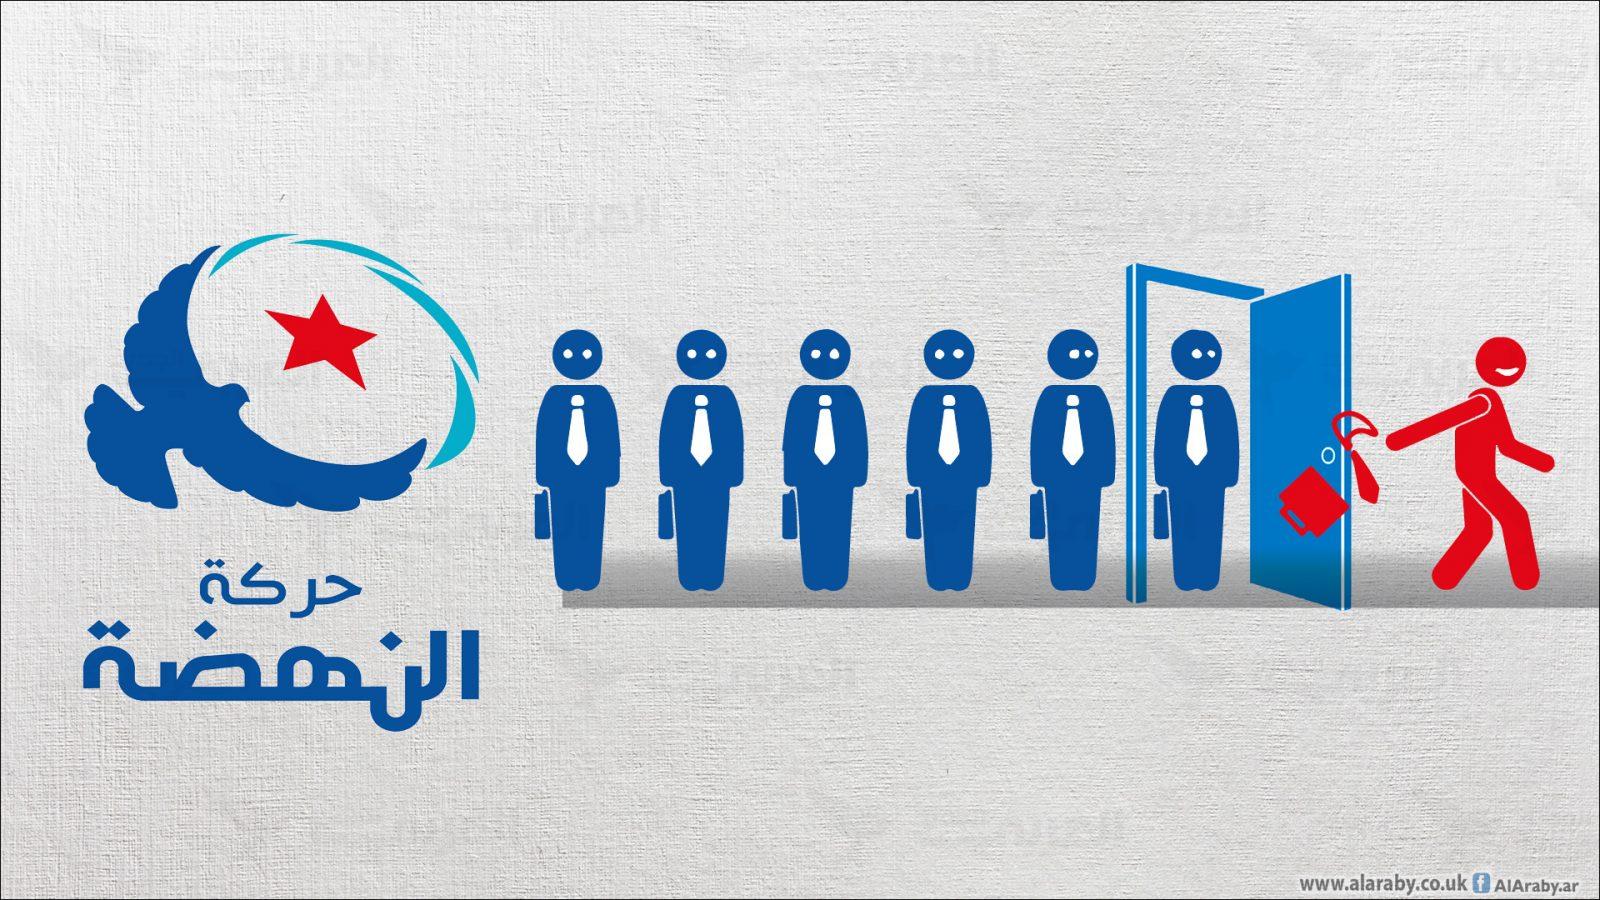 القائمة الكاملة للمستقيلين من حركة النهضة